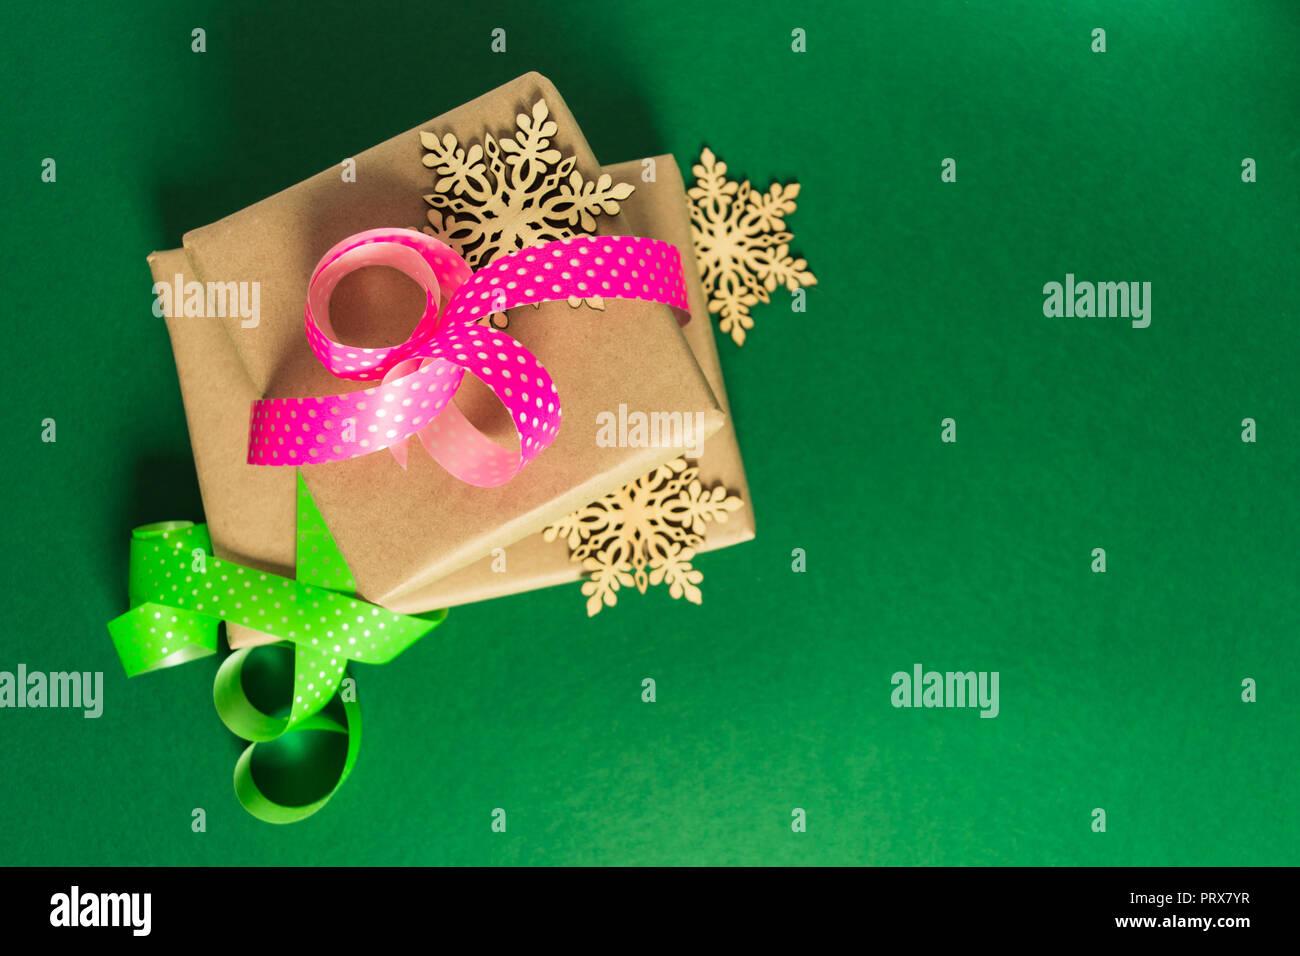 Regalos de Navidad y Año Nuevo listos para el embalaje de madera con copos de nieve sobre fondo verde, plana lay, vista superior Imagen De Stock